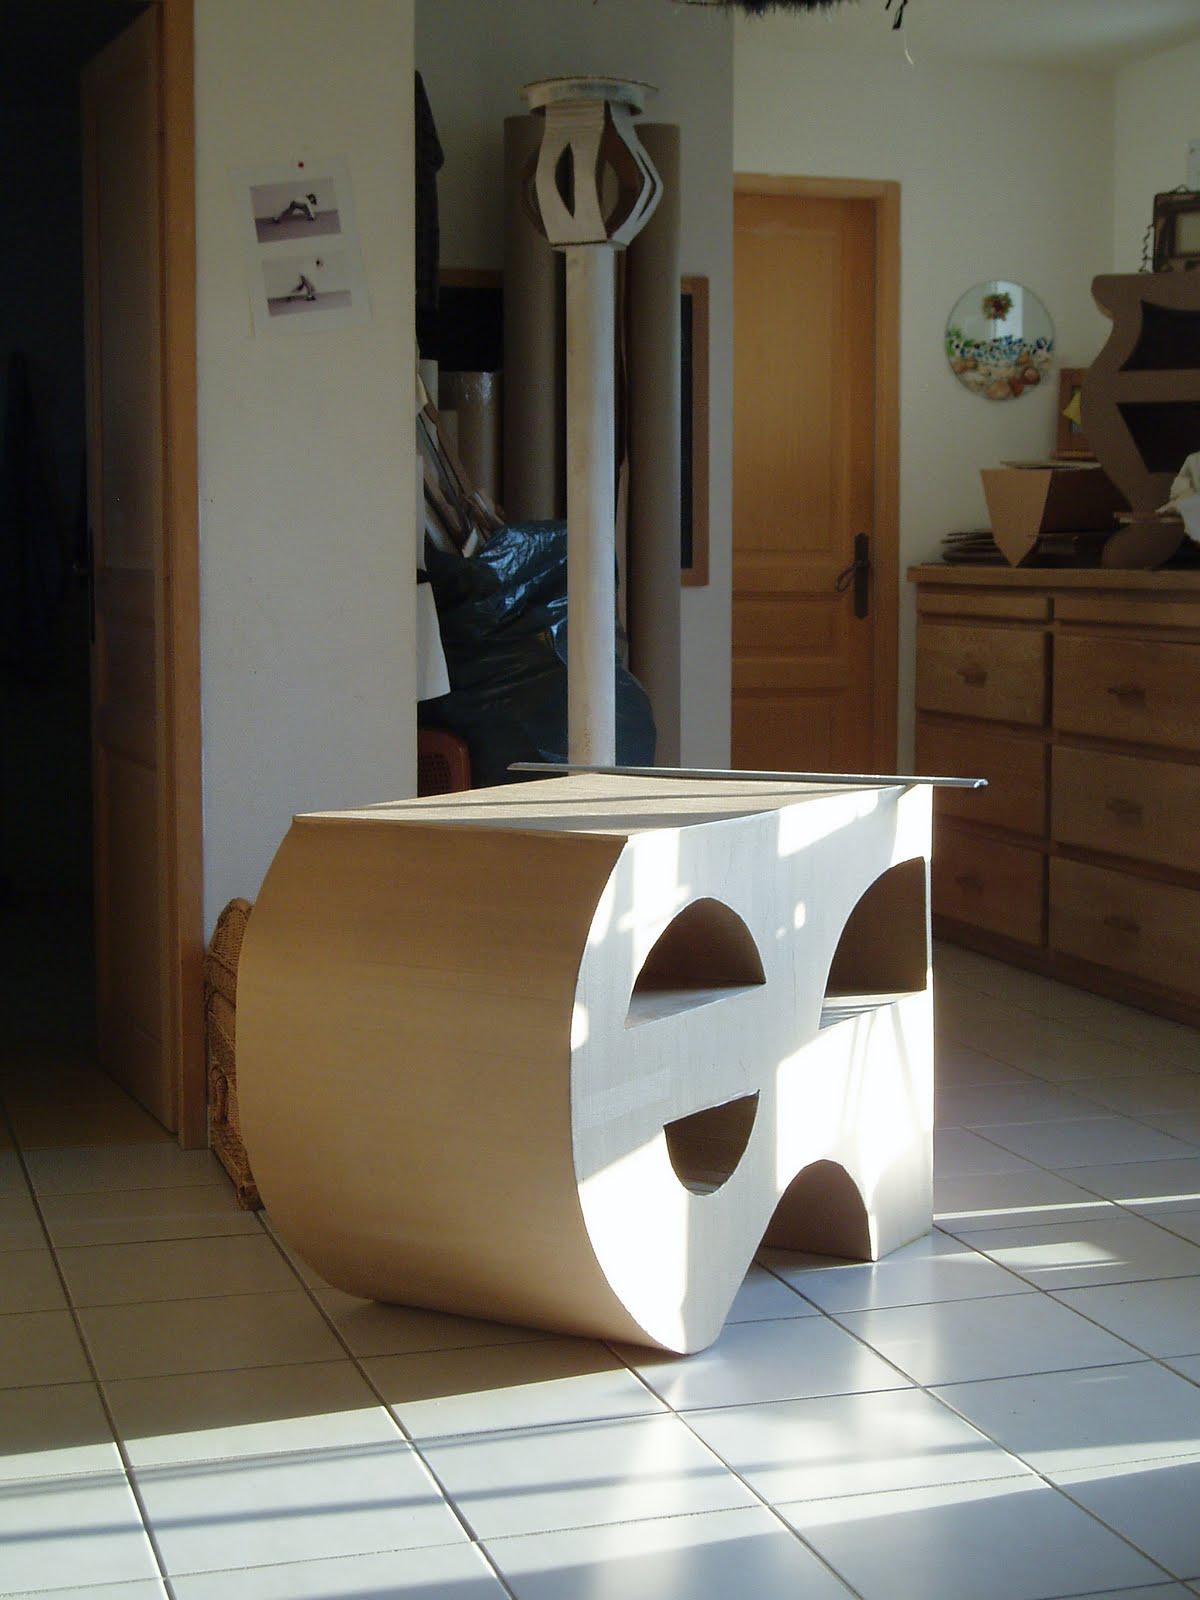 Meuble en carton atsugami avancement meuble t l for Finition meuble en carton